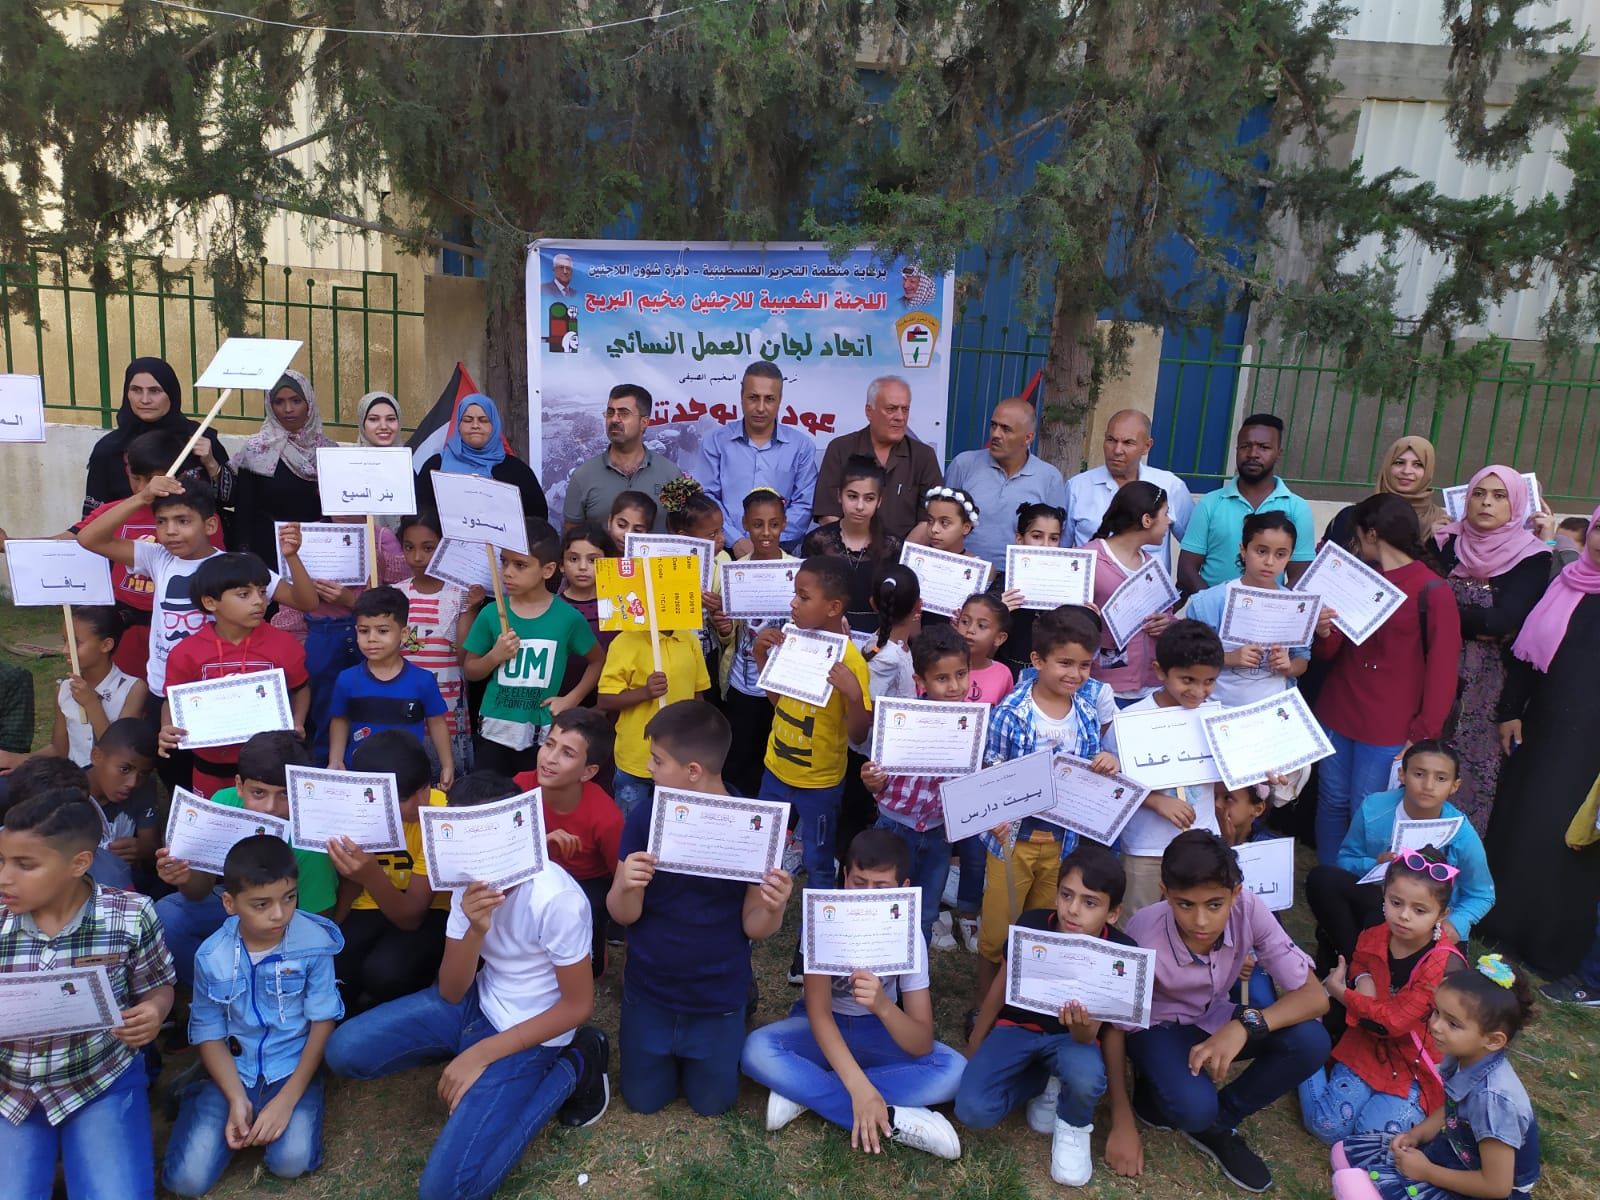 غزة : اتحاد لجان العمل النسائي يختتم مخيماً صيفياً بعنوان «عودتنا بوحدتنا»